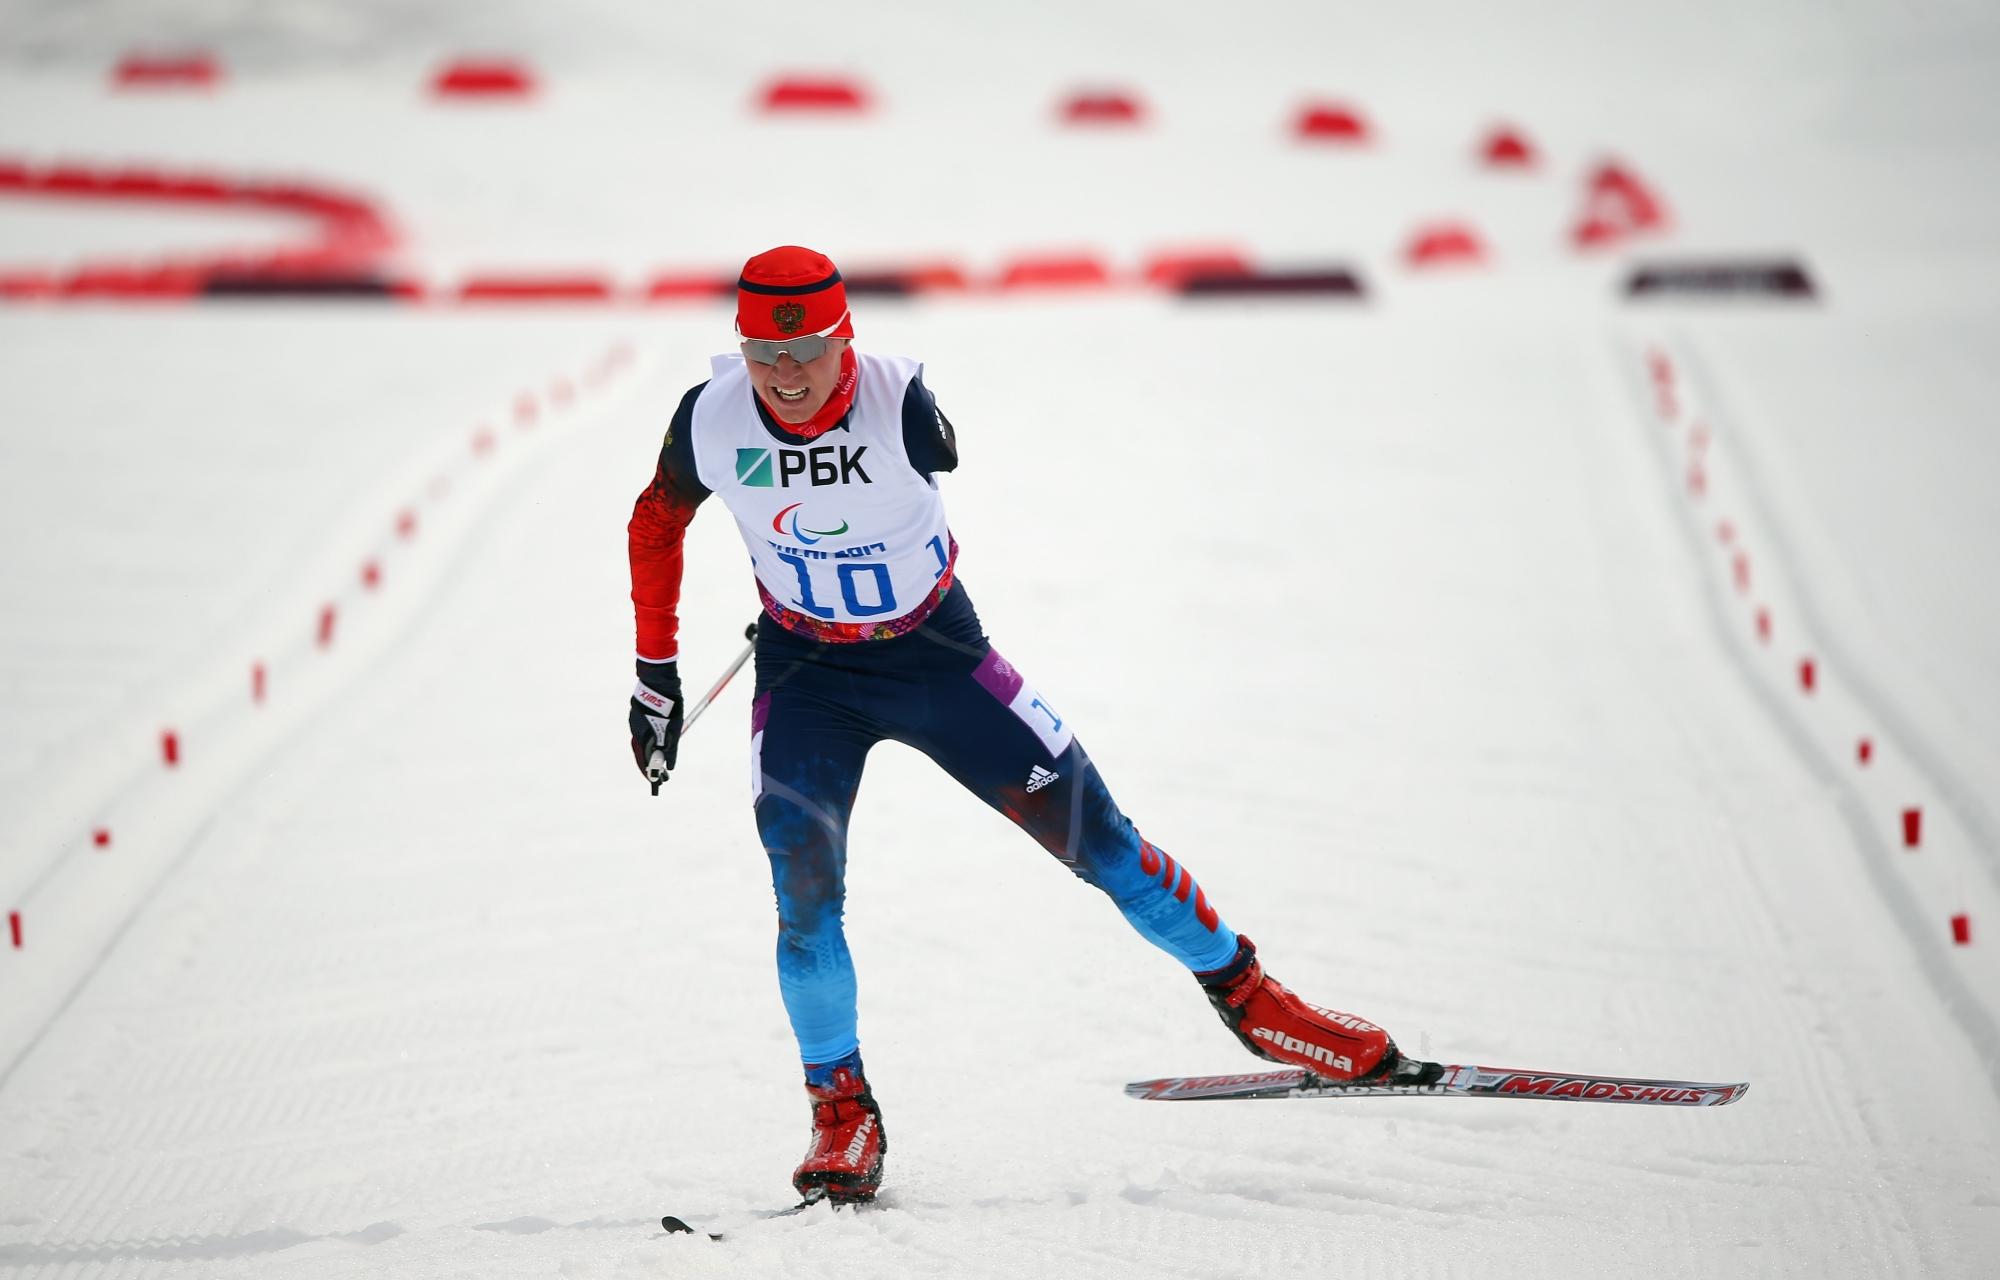 МПК запретил российским паралимпийцам упоминать о своем гражданстве в Сети